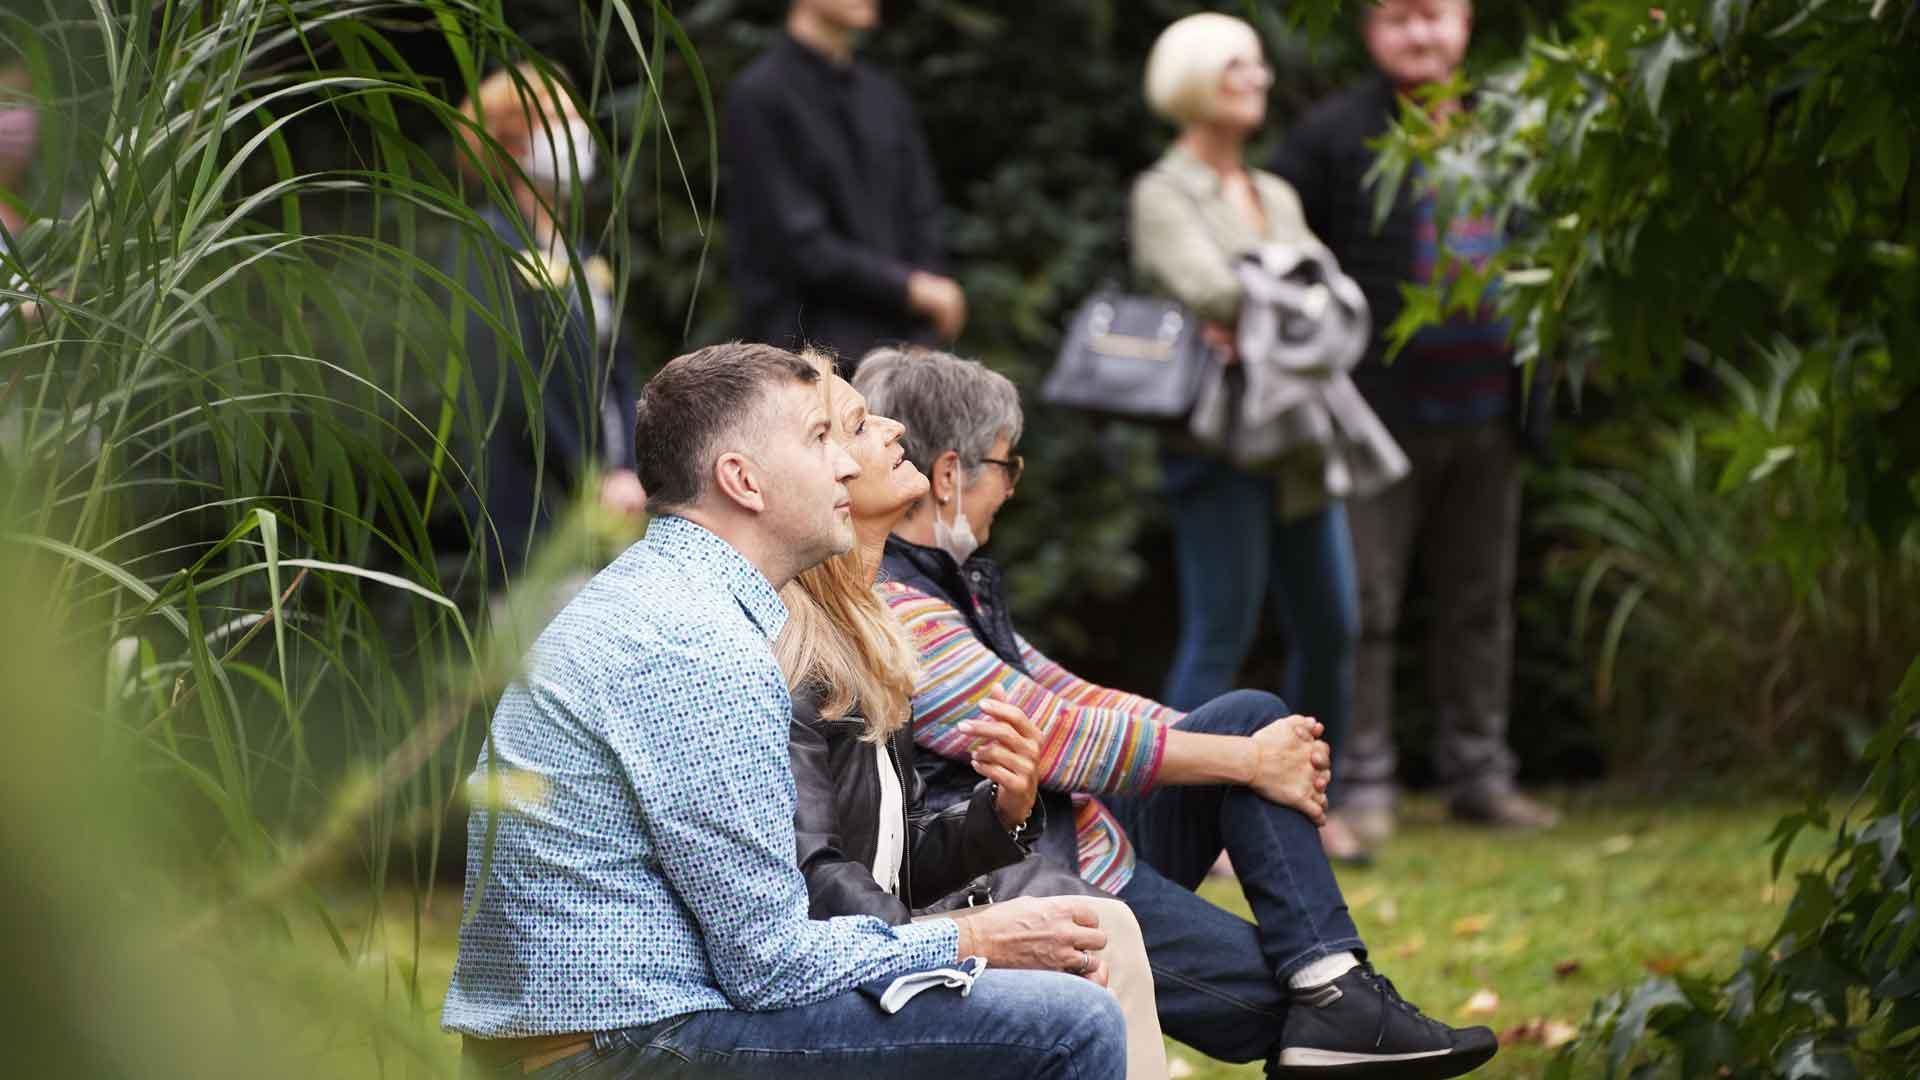 Gäste beim Balkon der freien Künste 2020